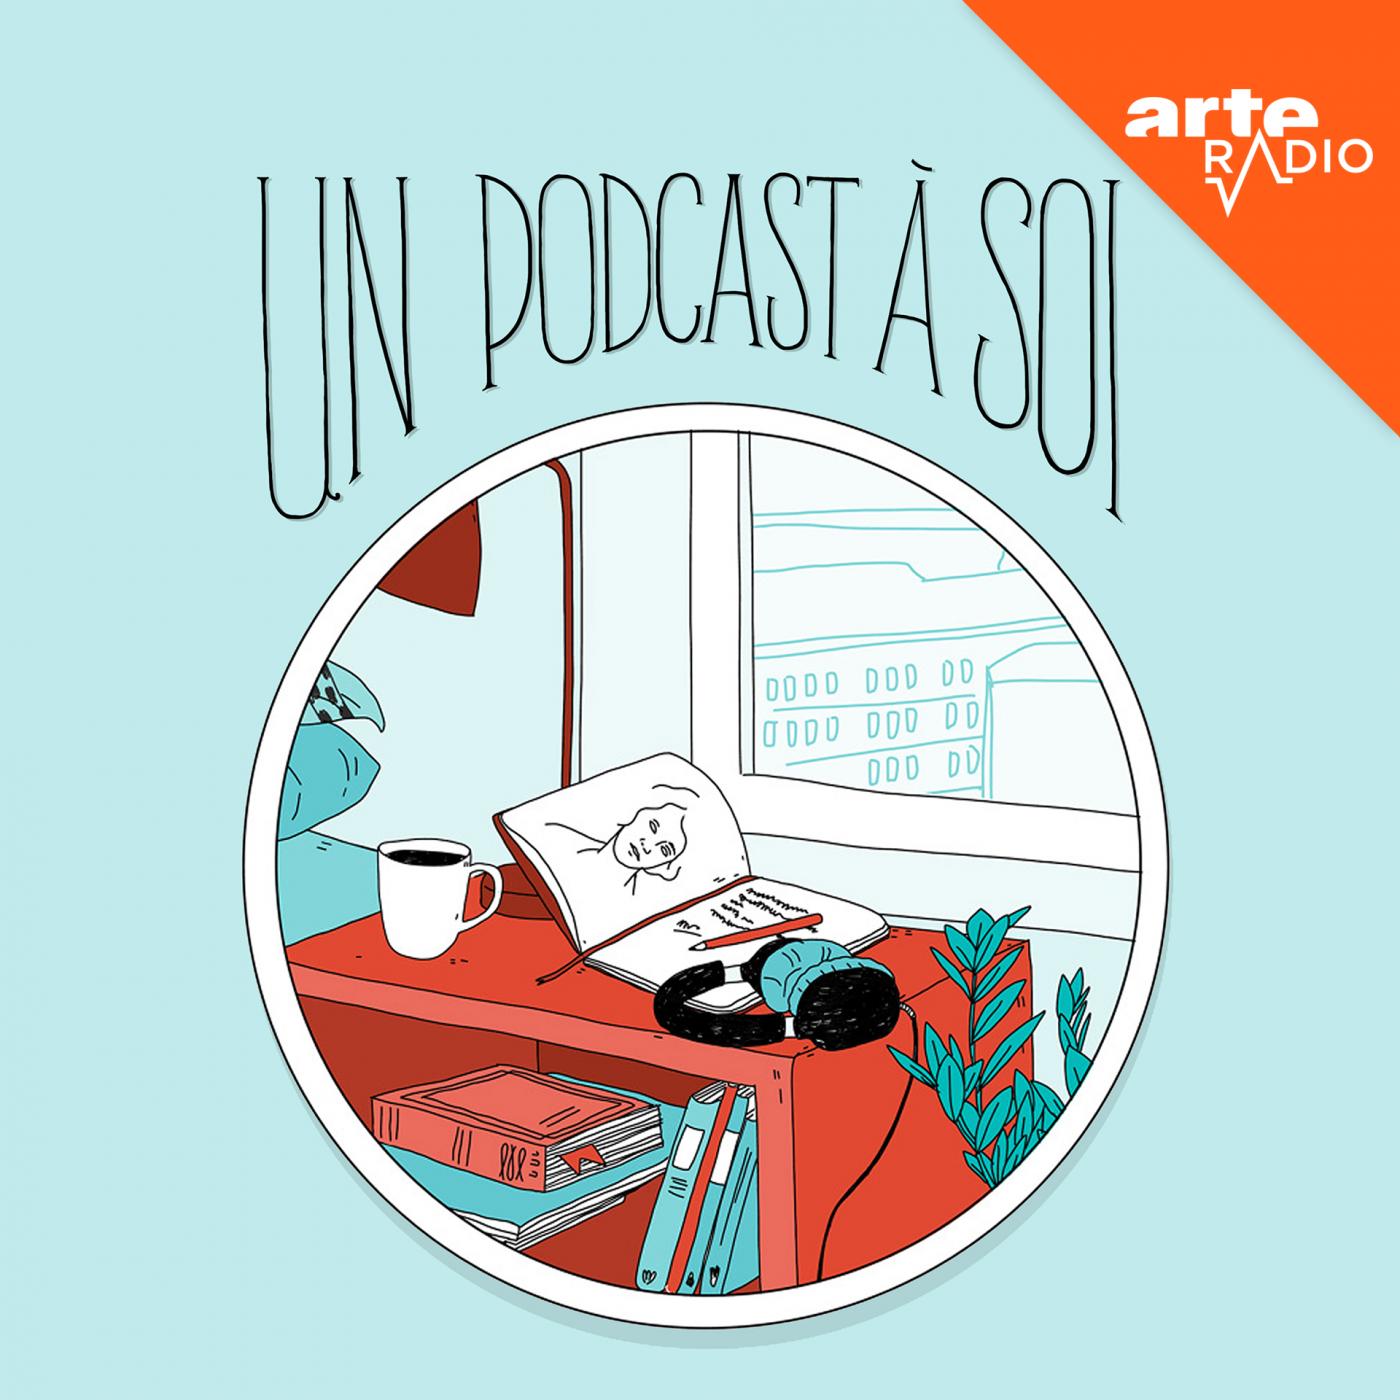 """""""Un podcast à soi"""", une production ARTE Radio (visuel)."""